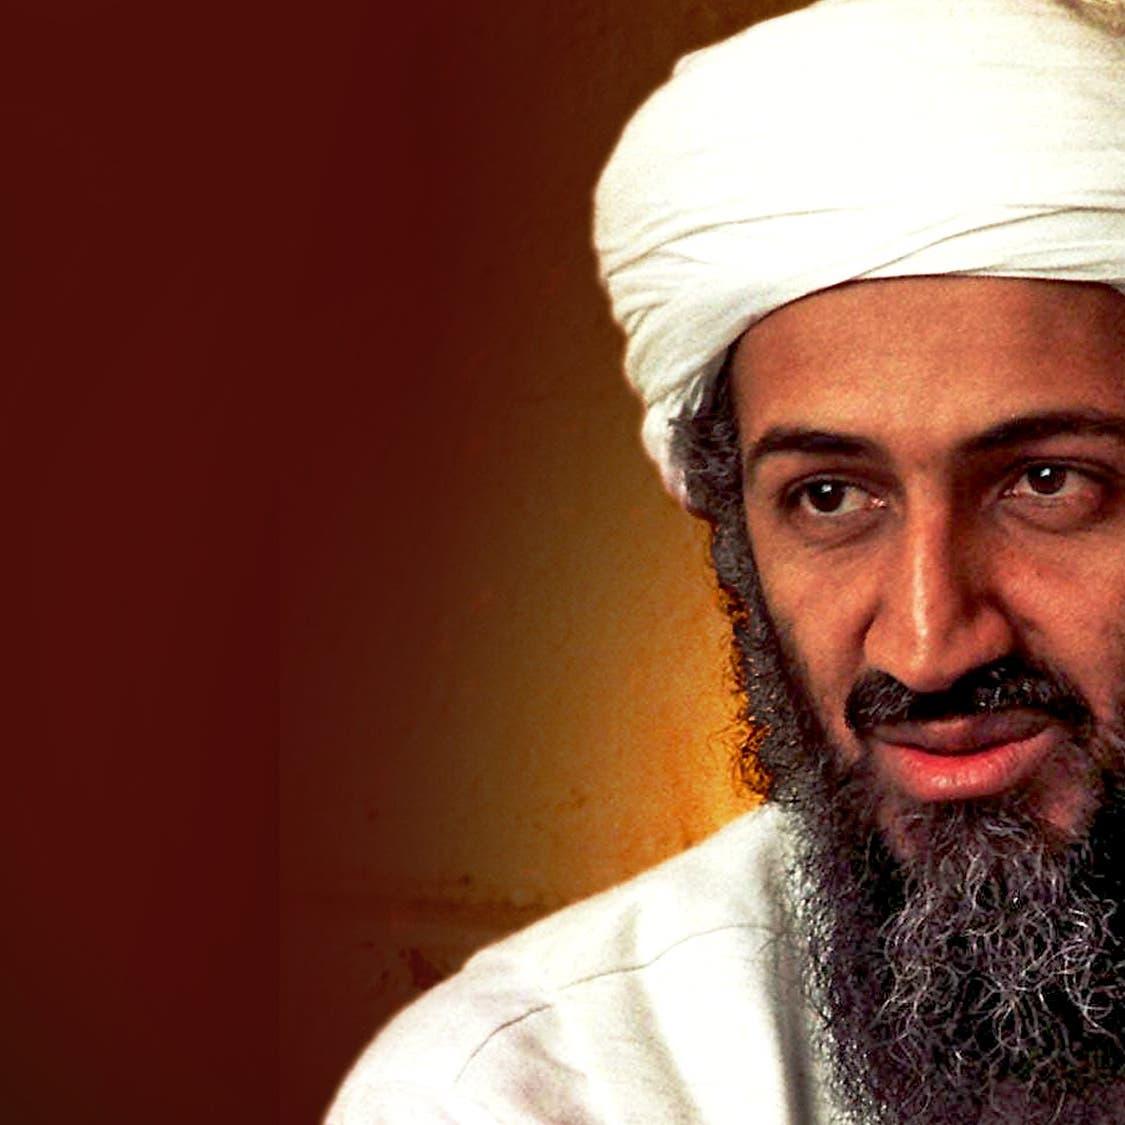 اعتقال الحارس الشخصي السابق لبن لادن في ألمانيا